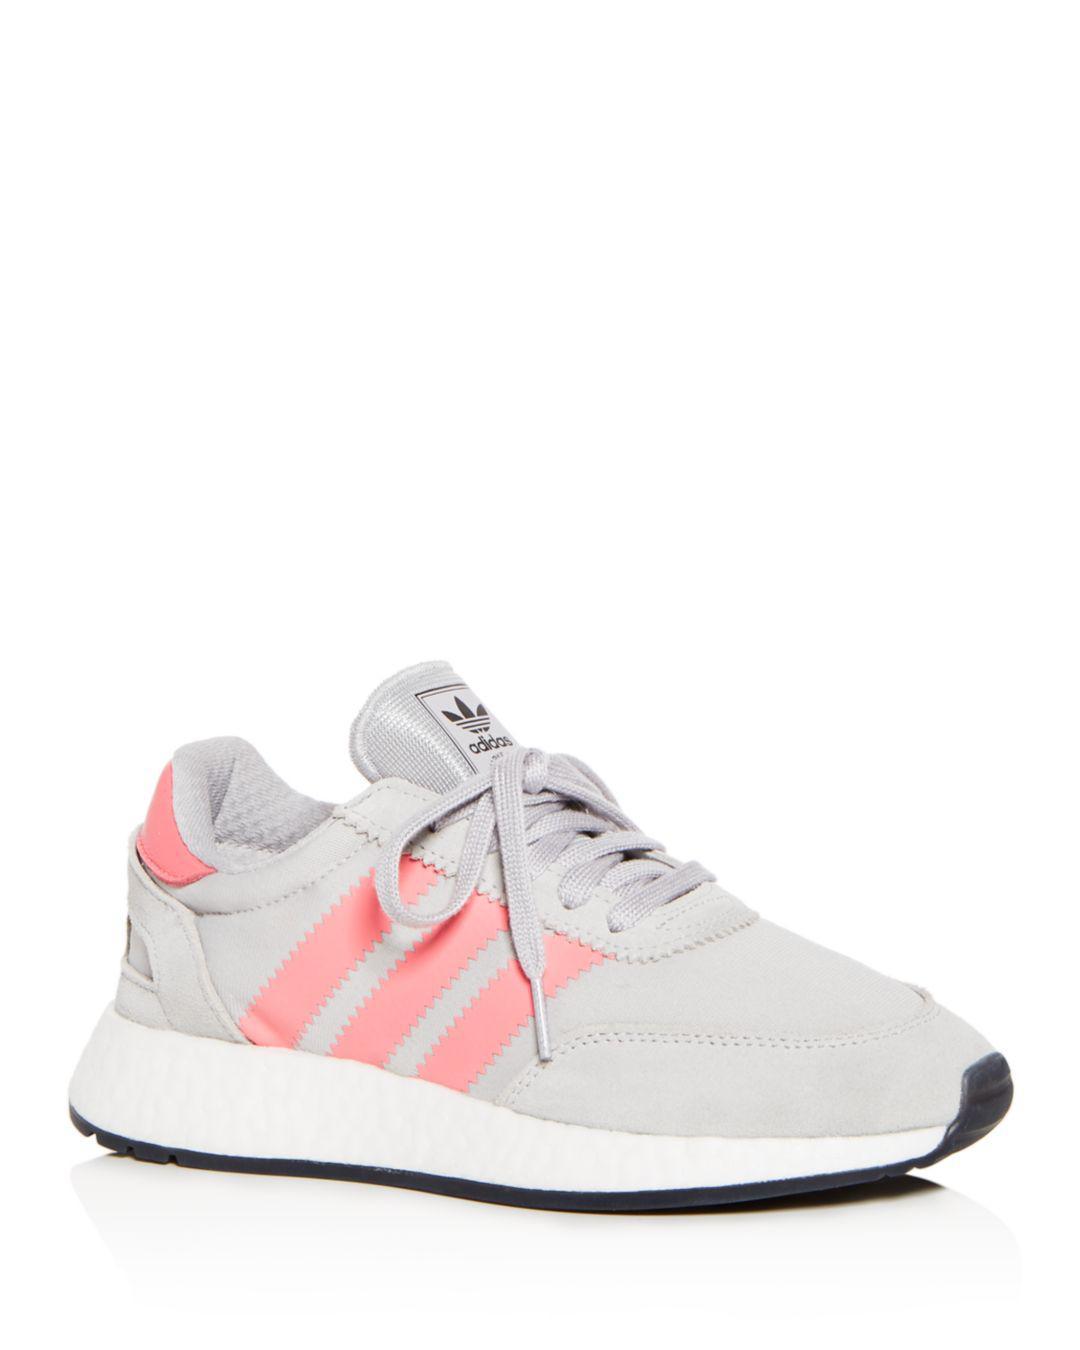 timeless design 05020 95312 adidas. Womens Gray I-5923 Shoes